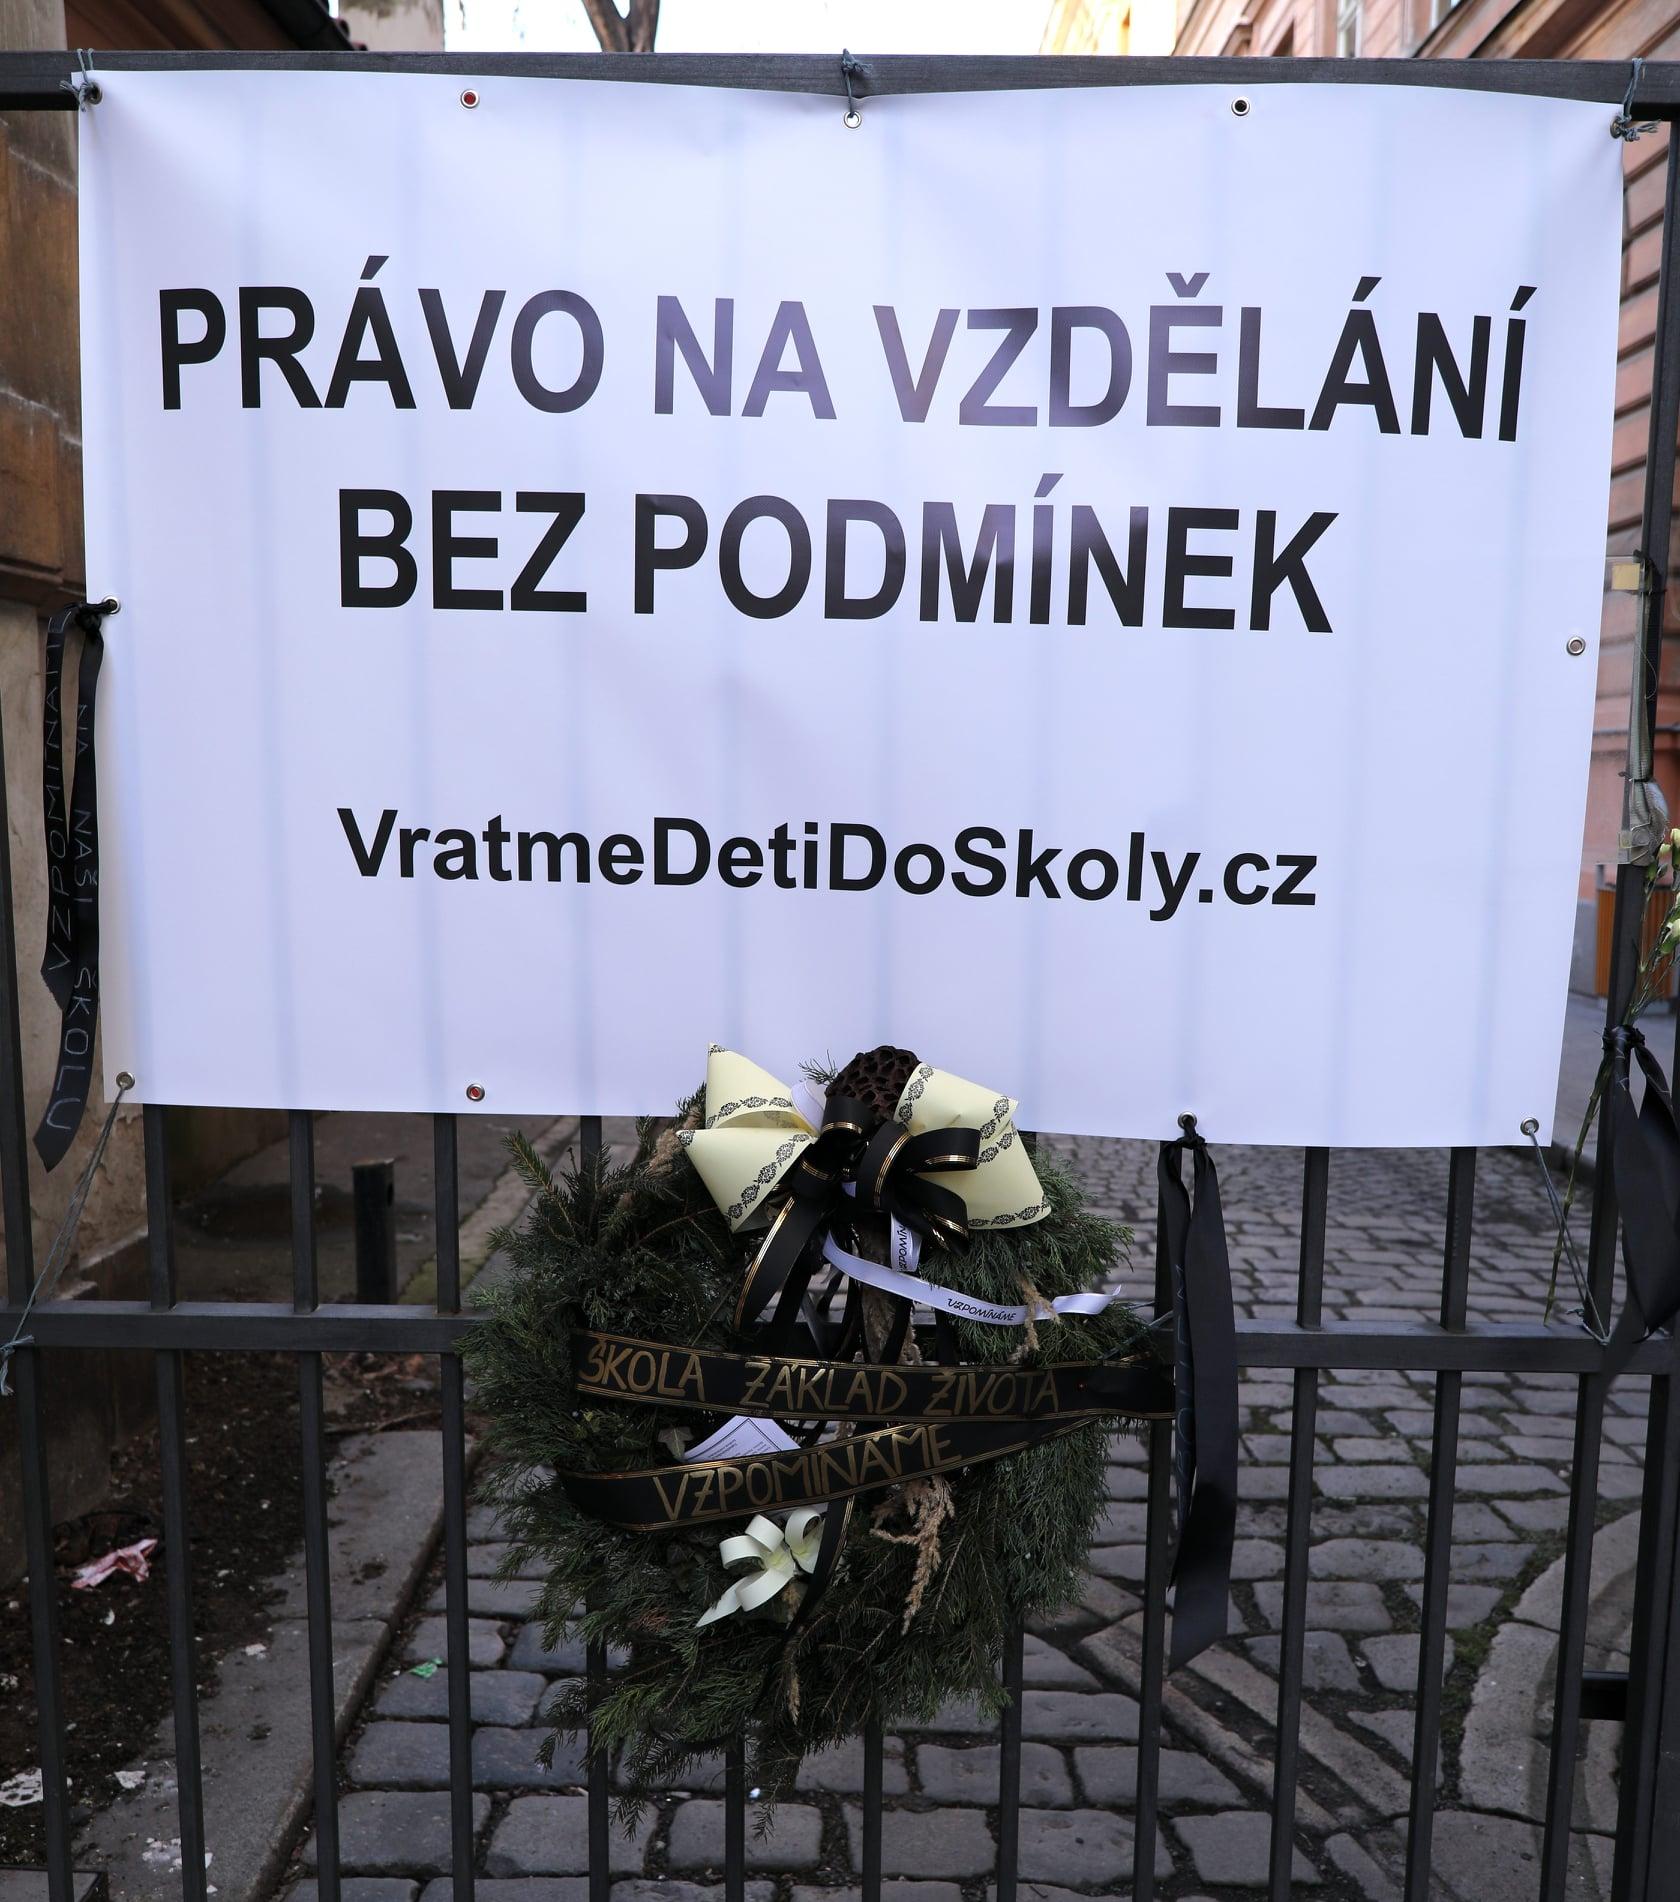 Smuteční akt za zavřené školy a za právo dětí na vzdělání, kroužky a sport - Praha 19.2.2021